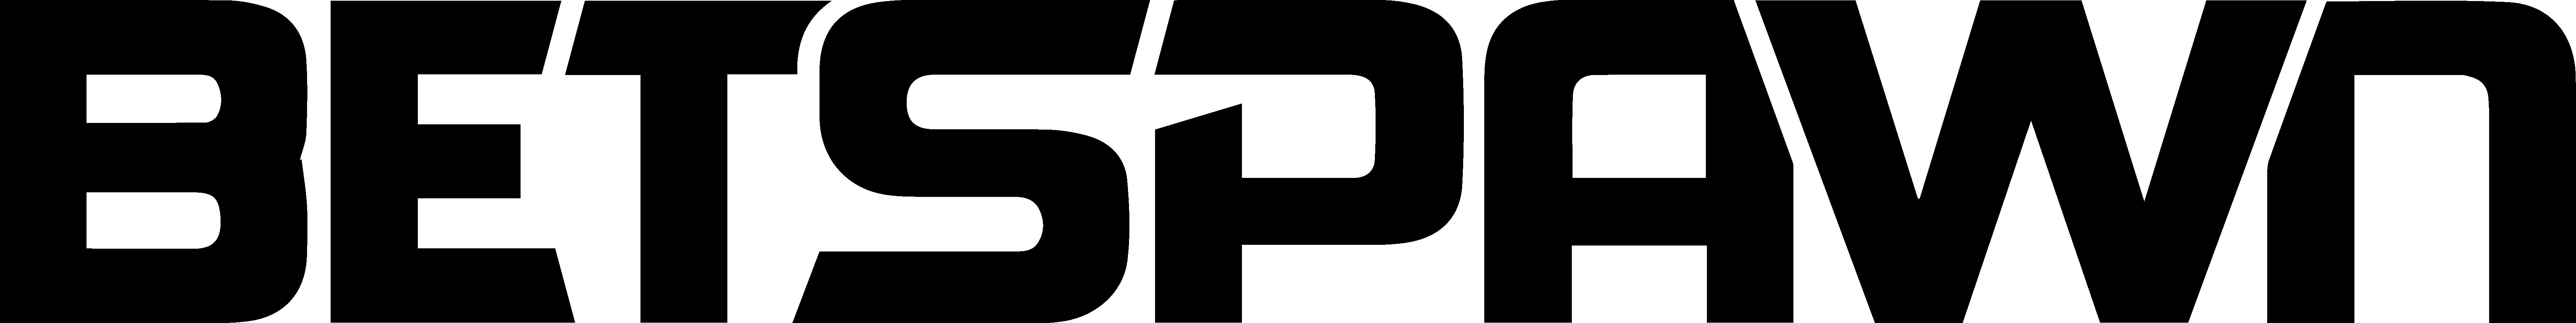 Logotype New Black